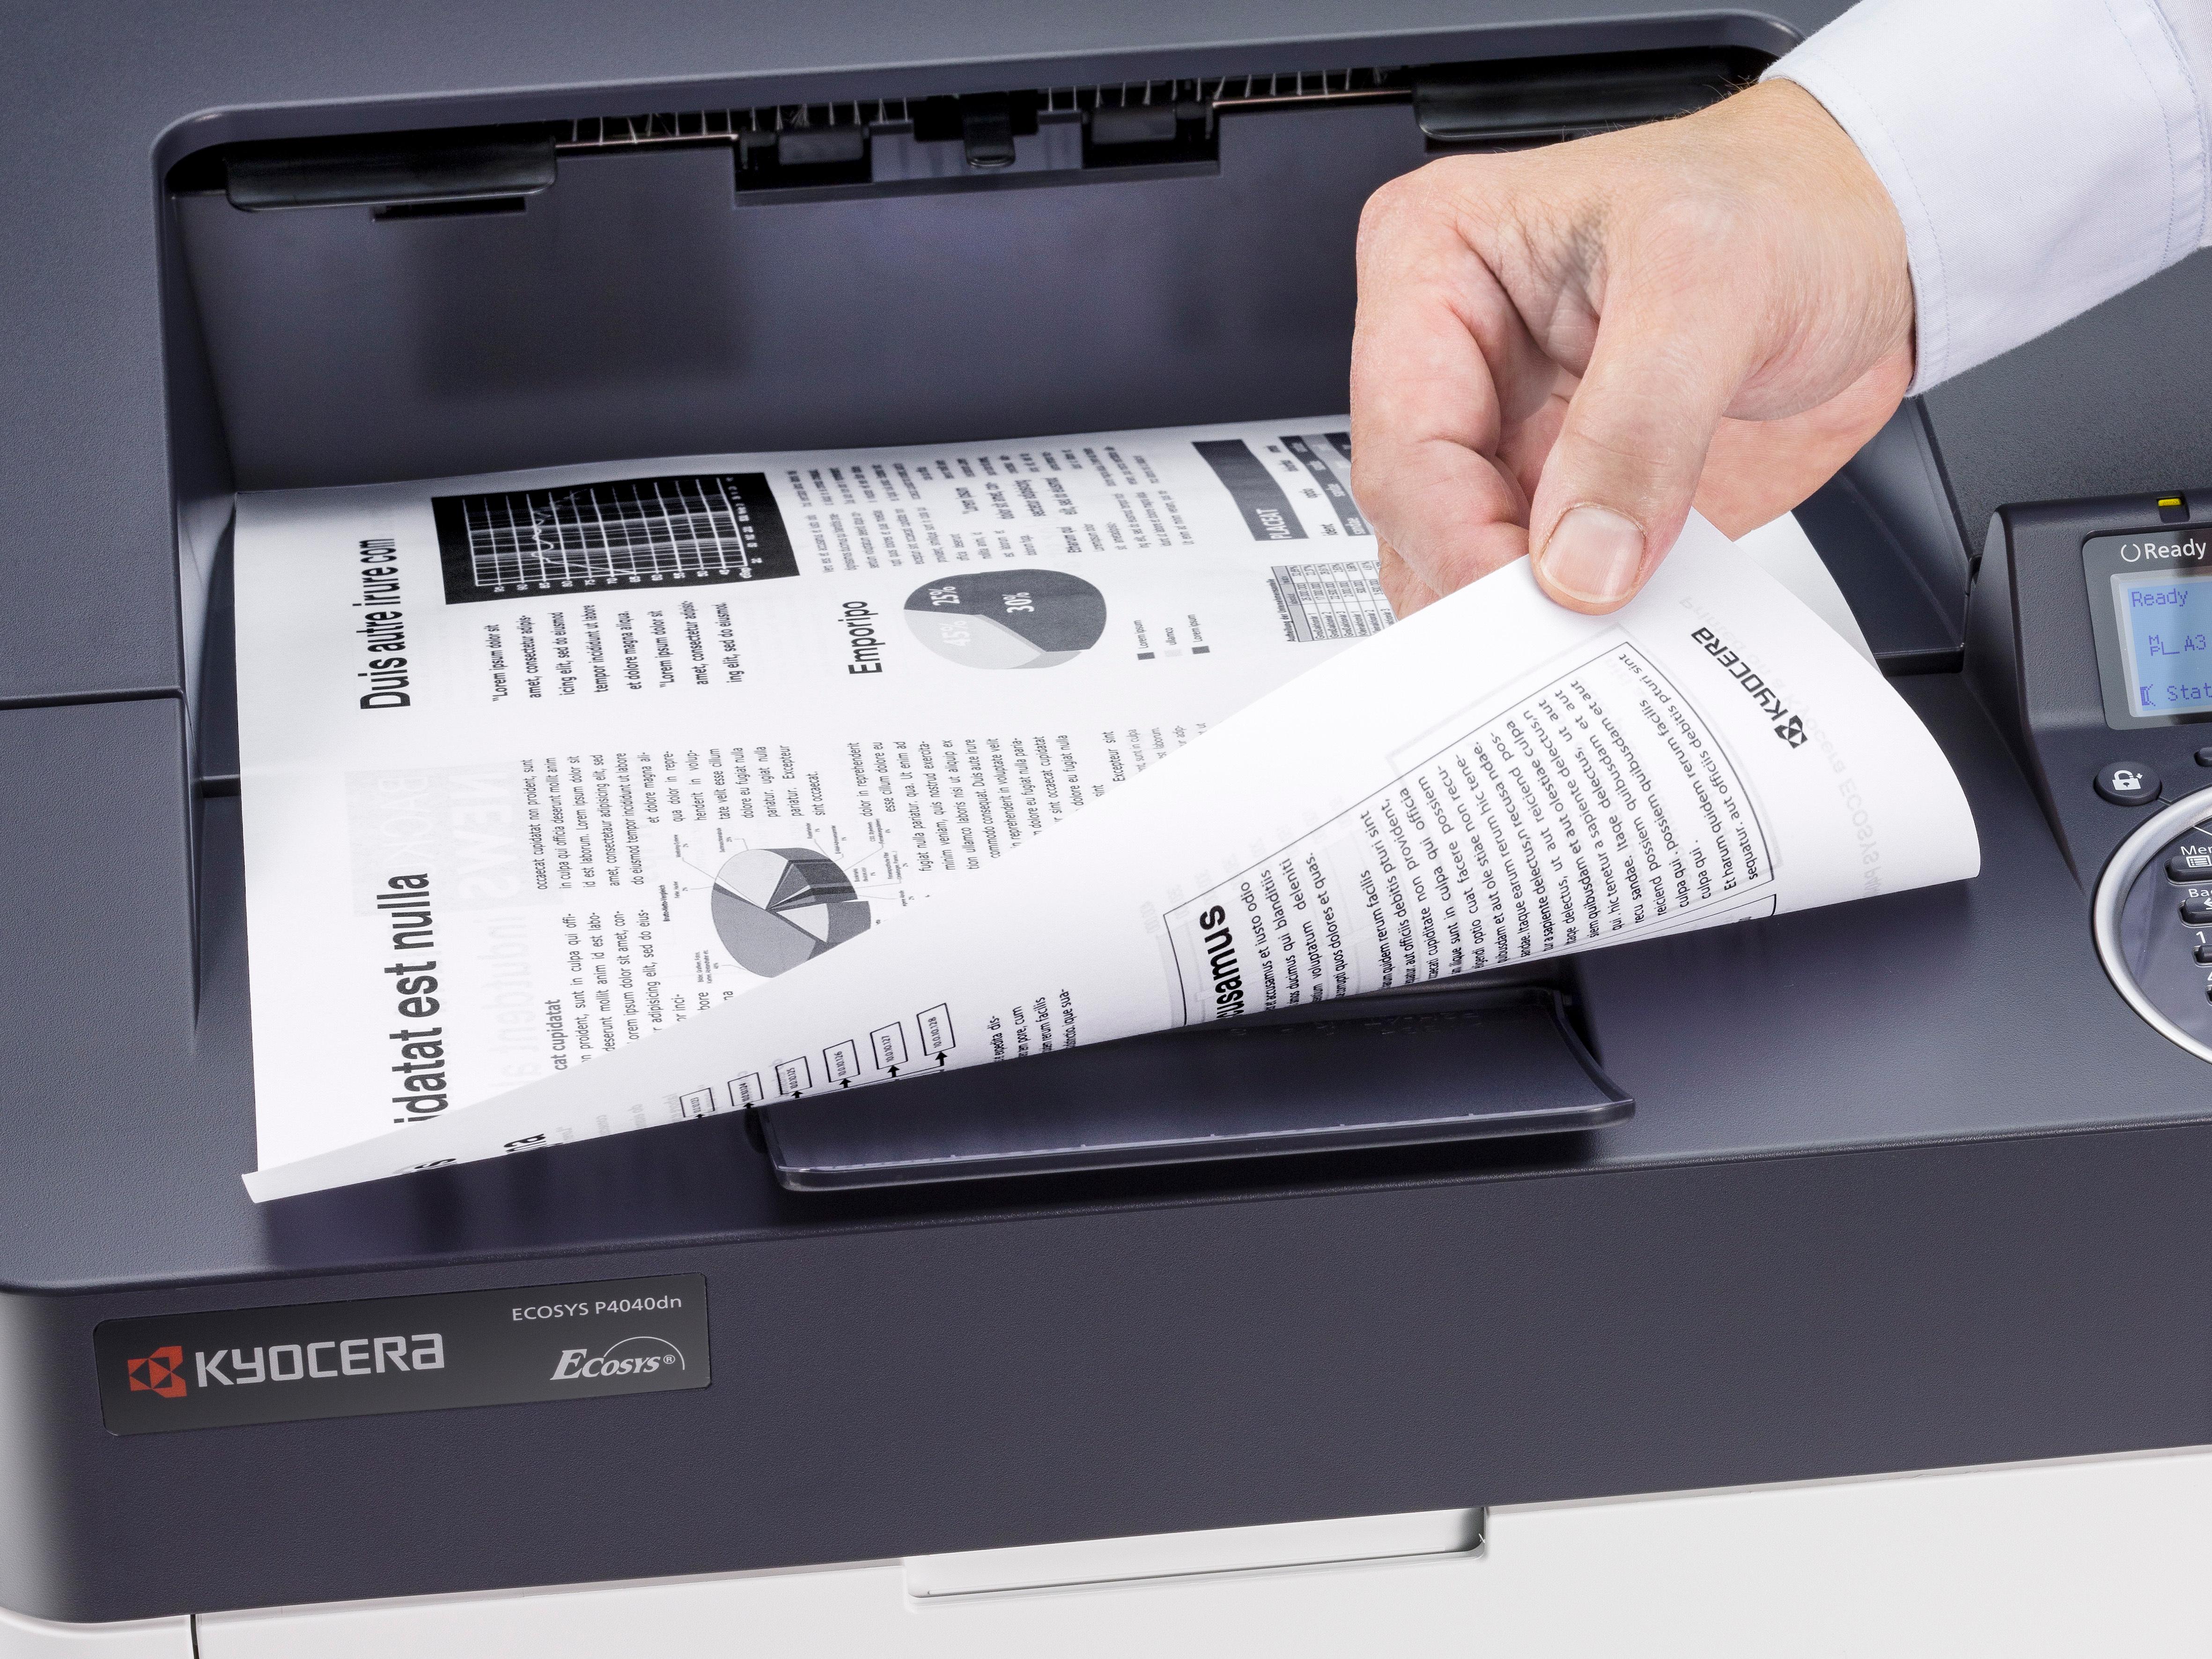 Как печатать открытки на лазерном принтере, ответом спасибо поздравления